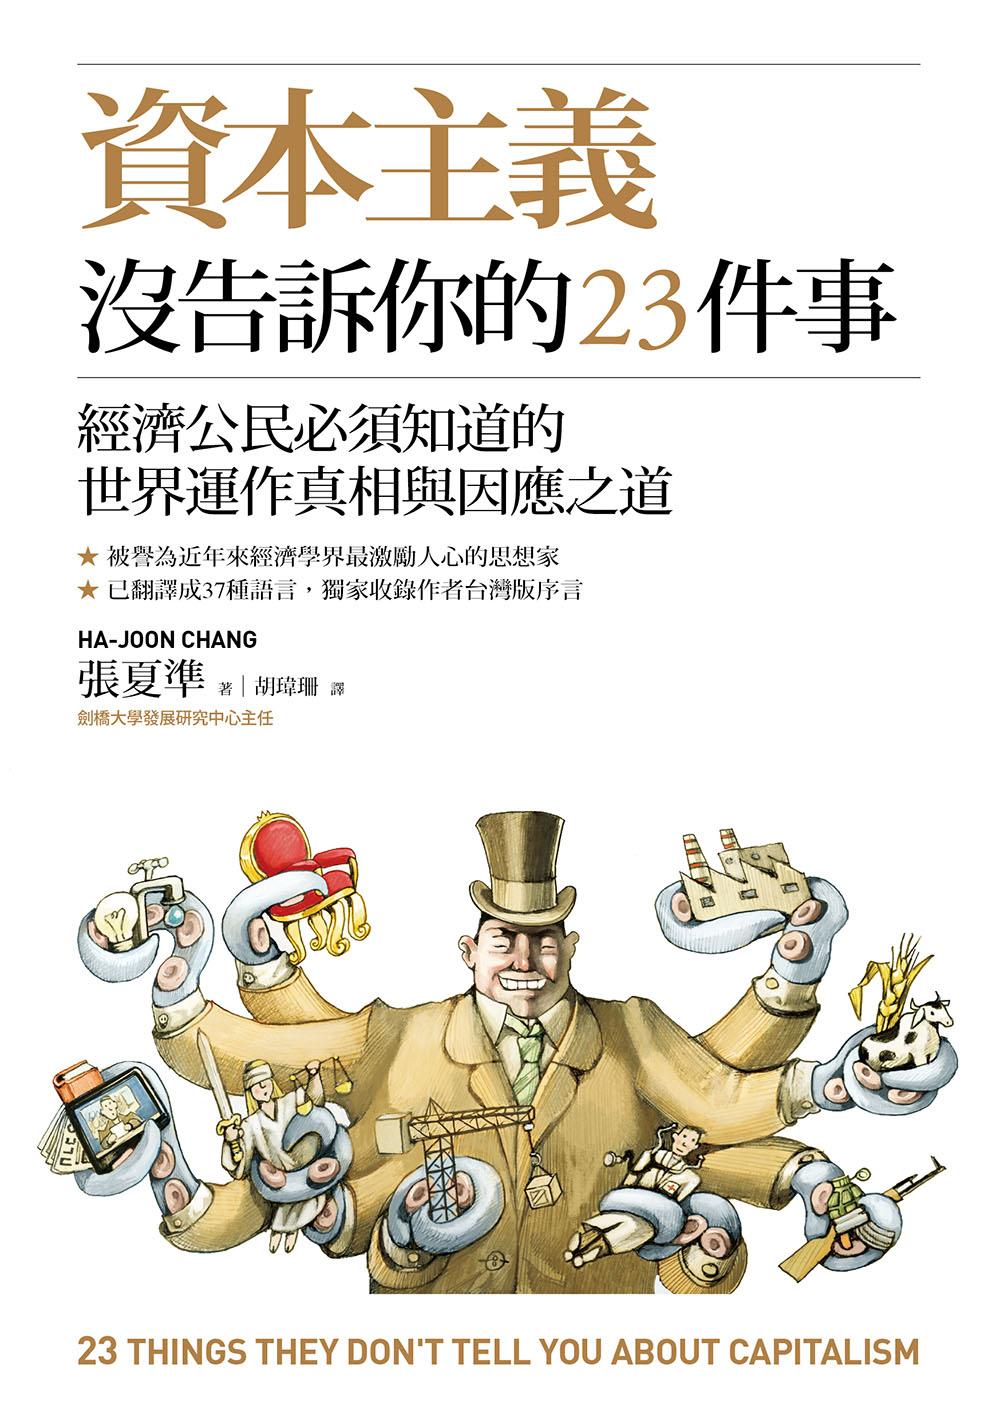 資本主義沒告訴你的23件事:經濟公民必須知道的世界運作真相與因應之道 (電子書)